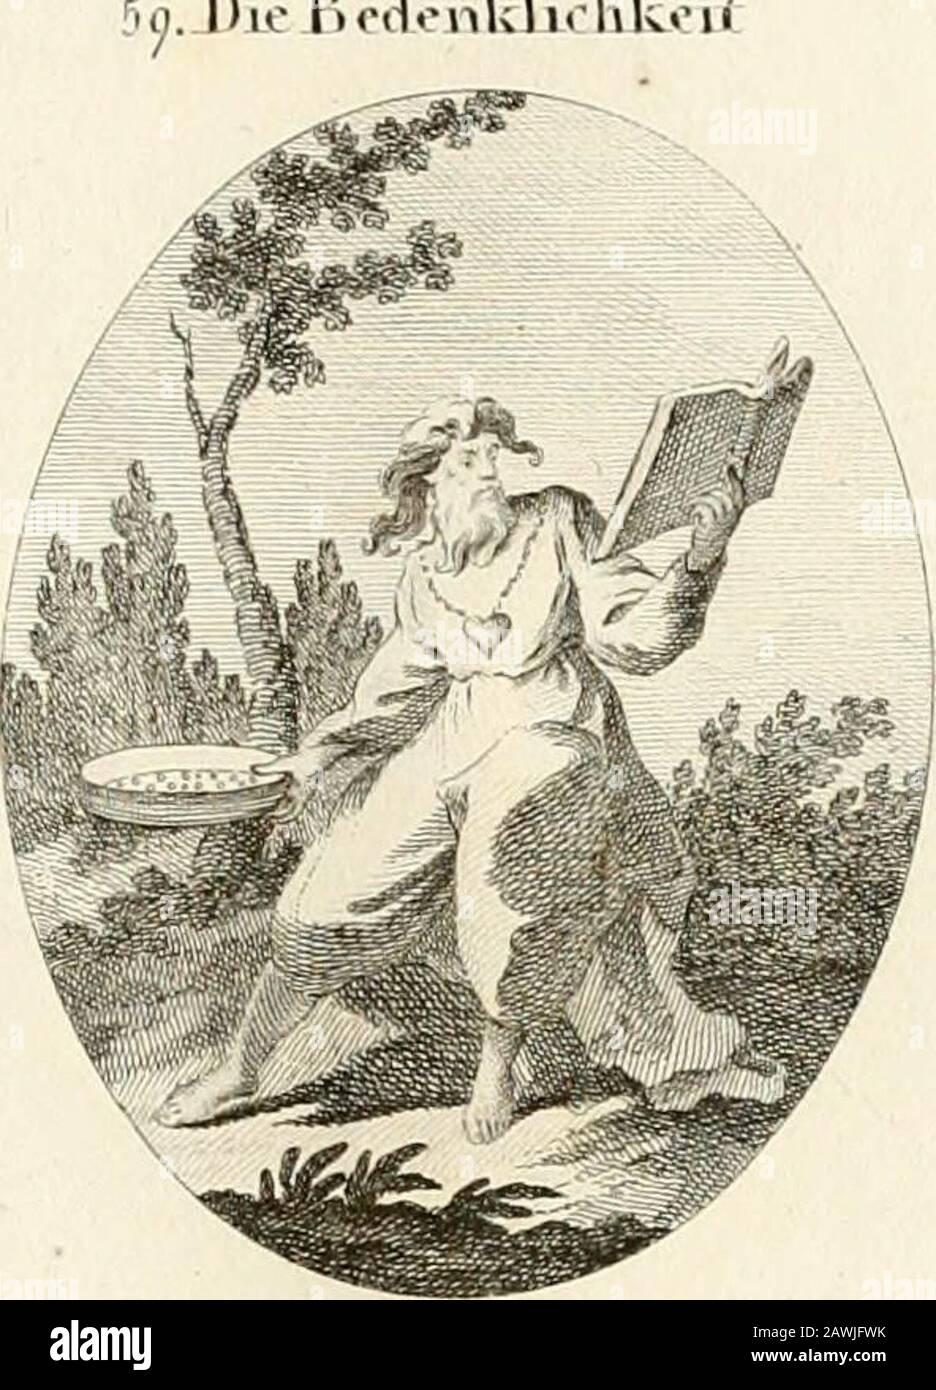 Iconologie für Dichter, Künstler und Kunstliebhaber . rt, J3ic ß cd enklic hlto 1/ Z* Jü .. IfCfii/ Jesús dih-r t/, ni im/cAfin /ichaic Zmici ujta i? IOifA/t/t/t/t /»?iifOil TUC/h öcacfi.arii dtirca eüic Jesús Per-/tfn m Aafff /(Aioari. Lata Amo roci/-Ti Jesús nwani. Sit Aa/t ein ShtiiisiAfn ntifR»j/tnuna eazcxS mif Tüh-nat. U/ni iAczni at IA  ~/f,ta(ztt wanAcTt . //« IAR Jesús*/ NAT vjocy (rt/tini : dci /th iric ufitt /tAiut/IIAC Sitfytr/r. £ftc ritt,7tiiOi ficn /   IT/A-H At:f.{TIA/ii:n att: NAT//t,AES>.-niunif iir/ /jttncti7U7t.iy. /Ji./e rofia ,FIAA cinert o Foto de stock